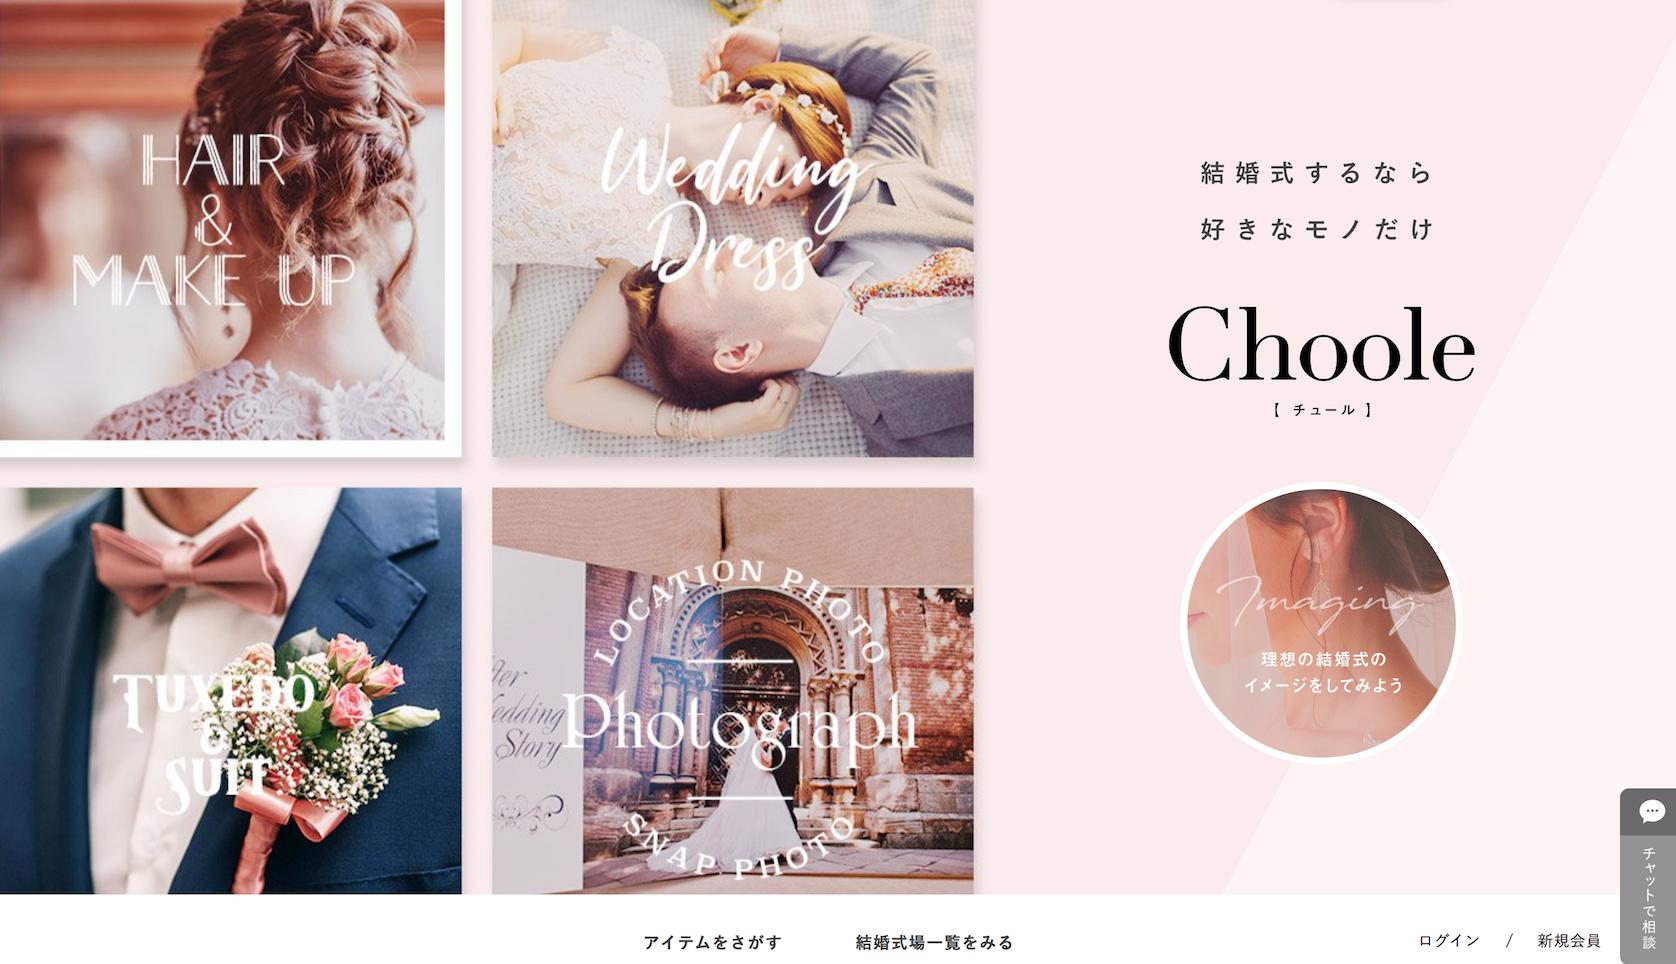 满足客户个性化需求,日本婚庆初创公司 REXIT 首推线上婚庆策划平台 Choole